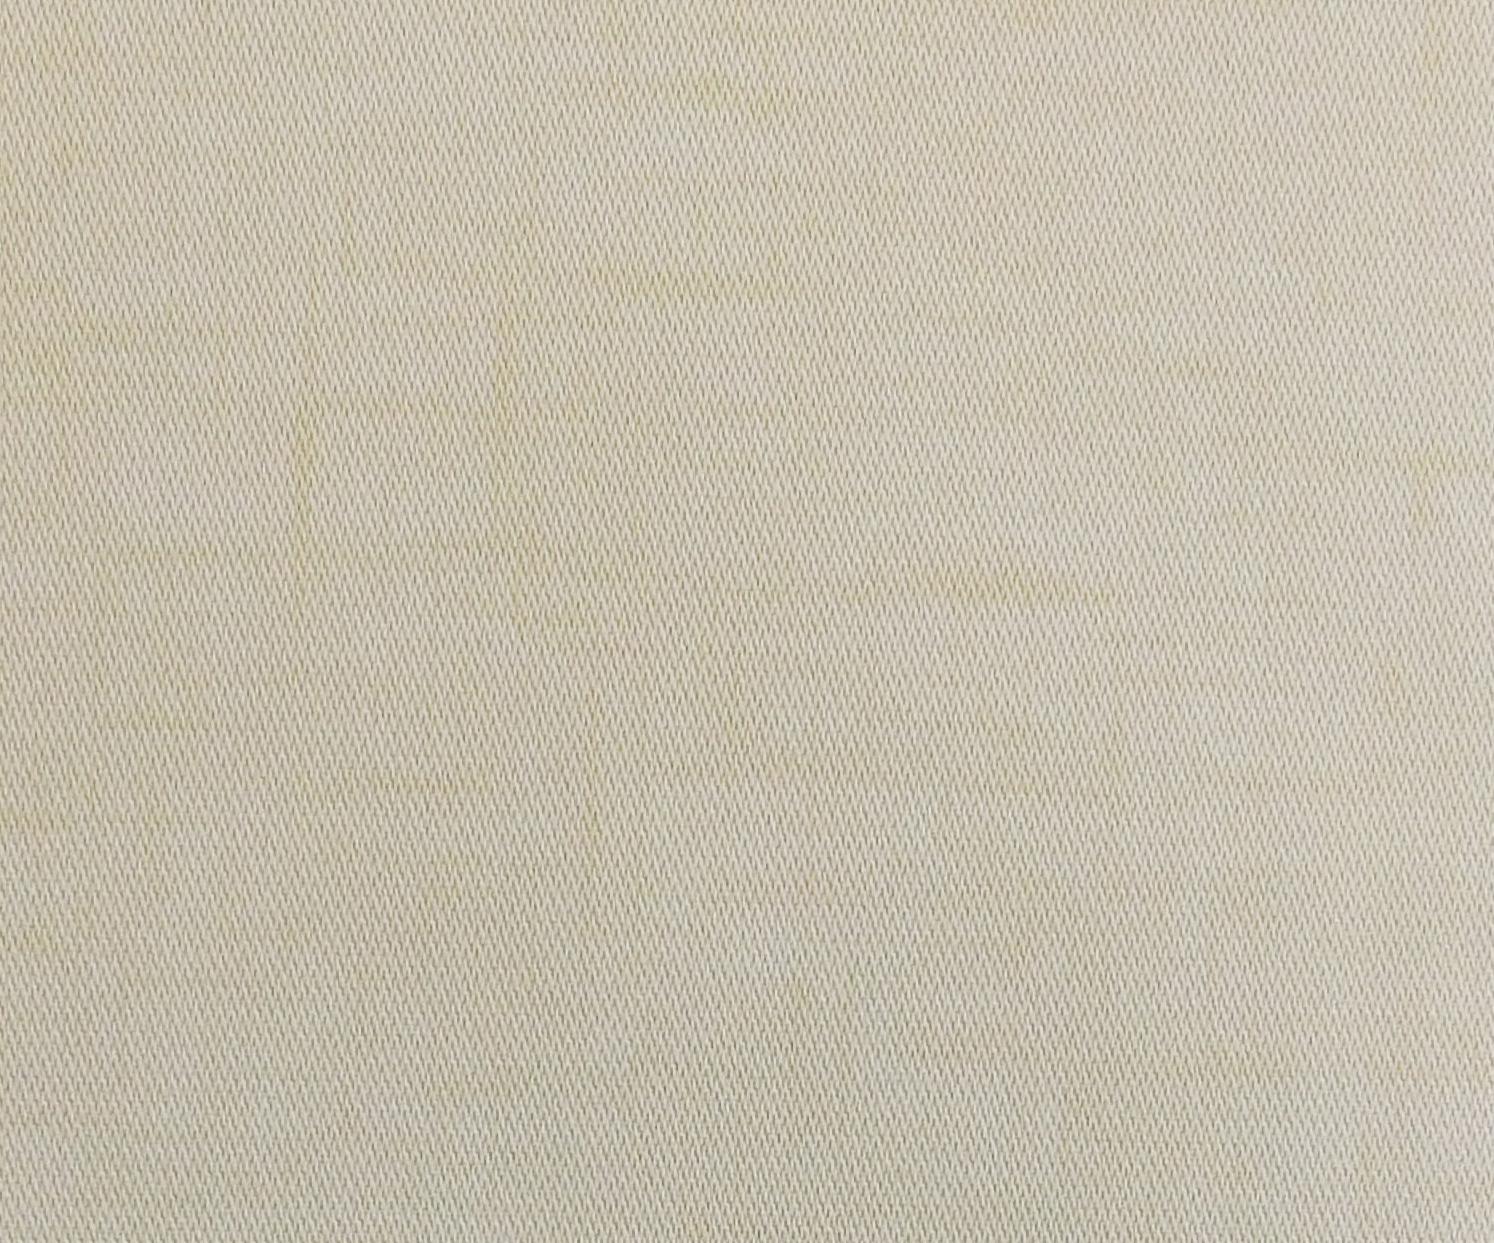 Spectrum Vintage White FR BO Blind Sample Fabric